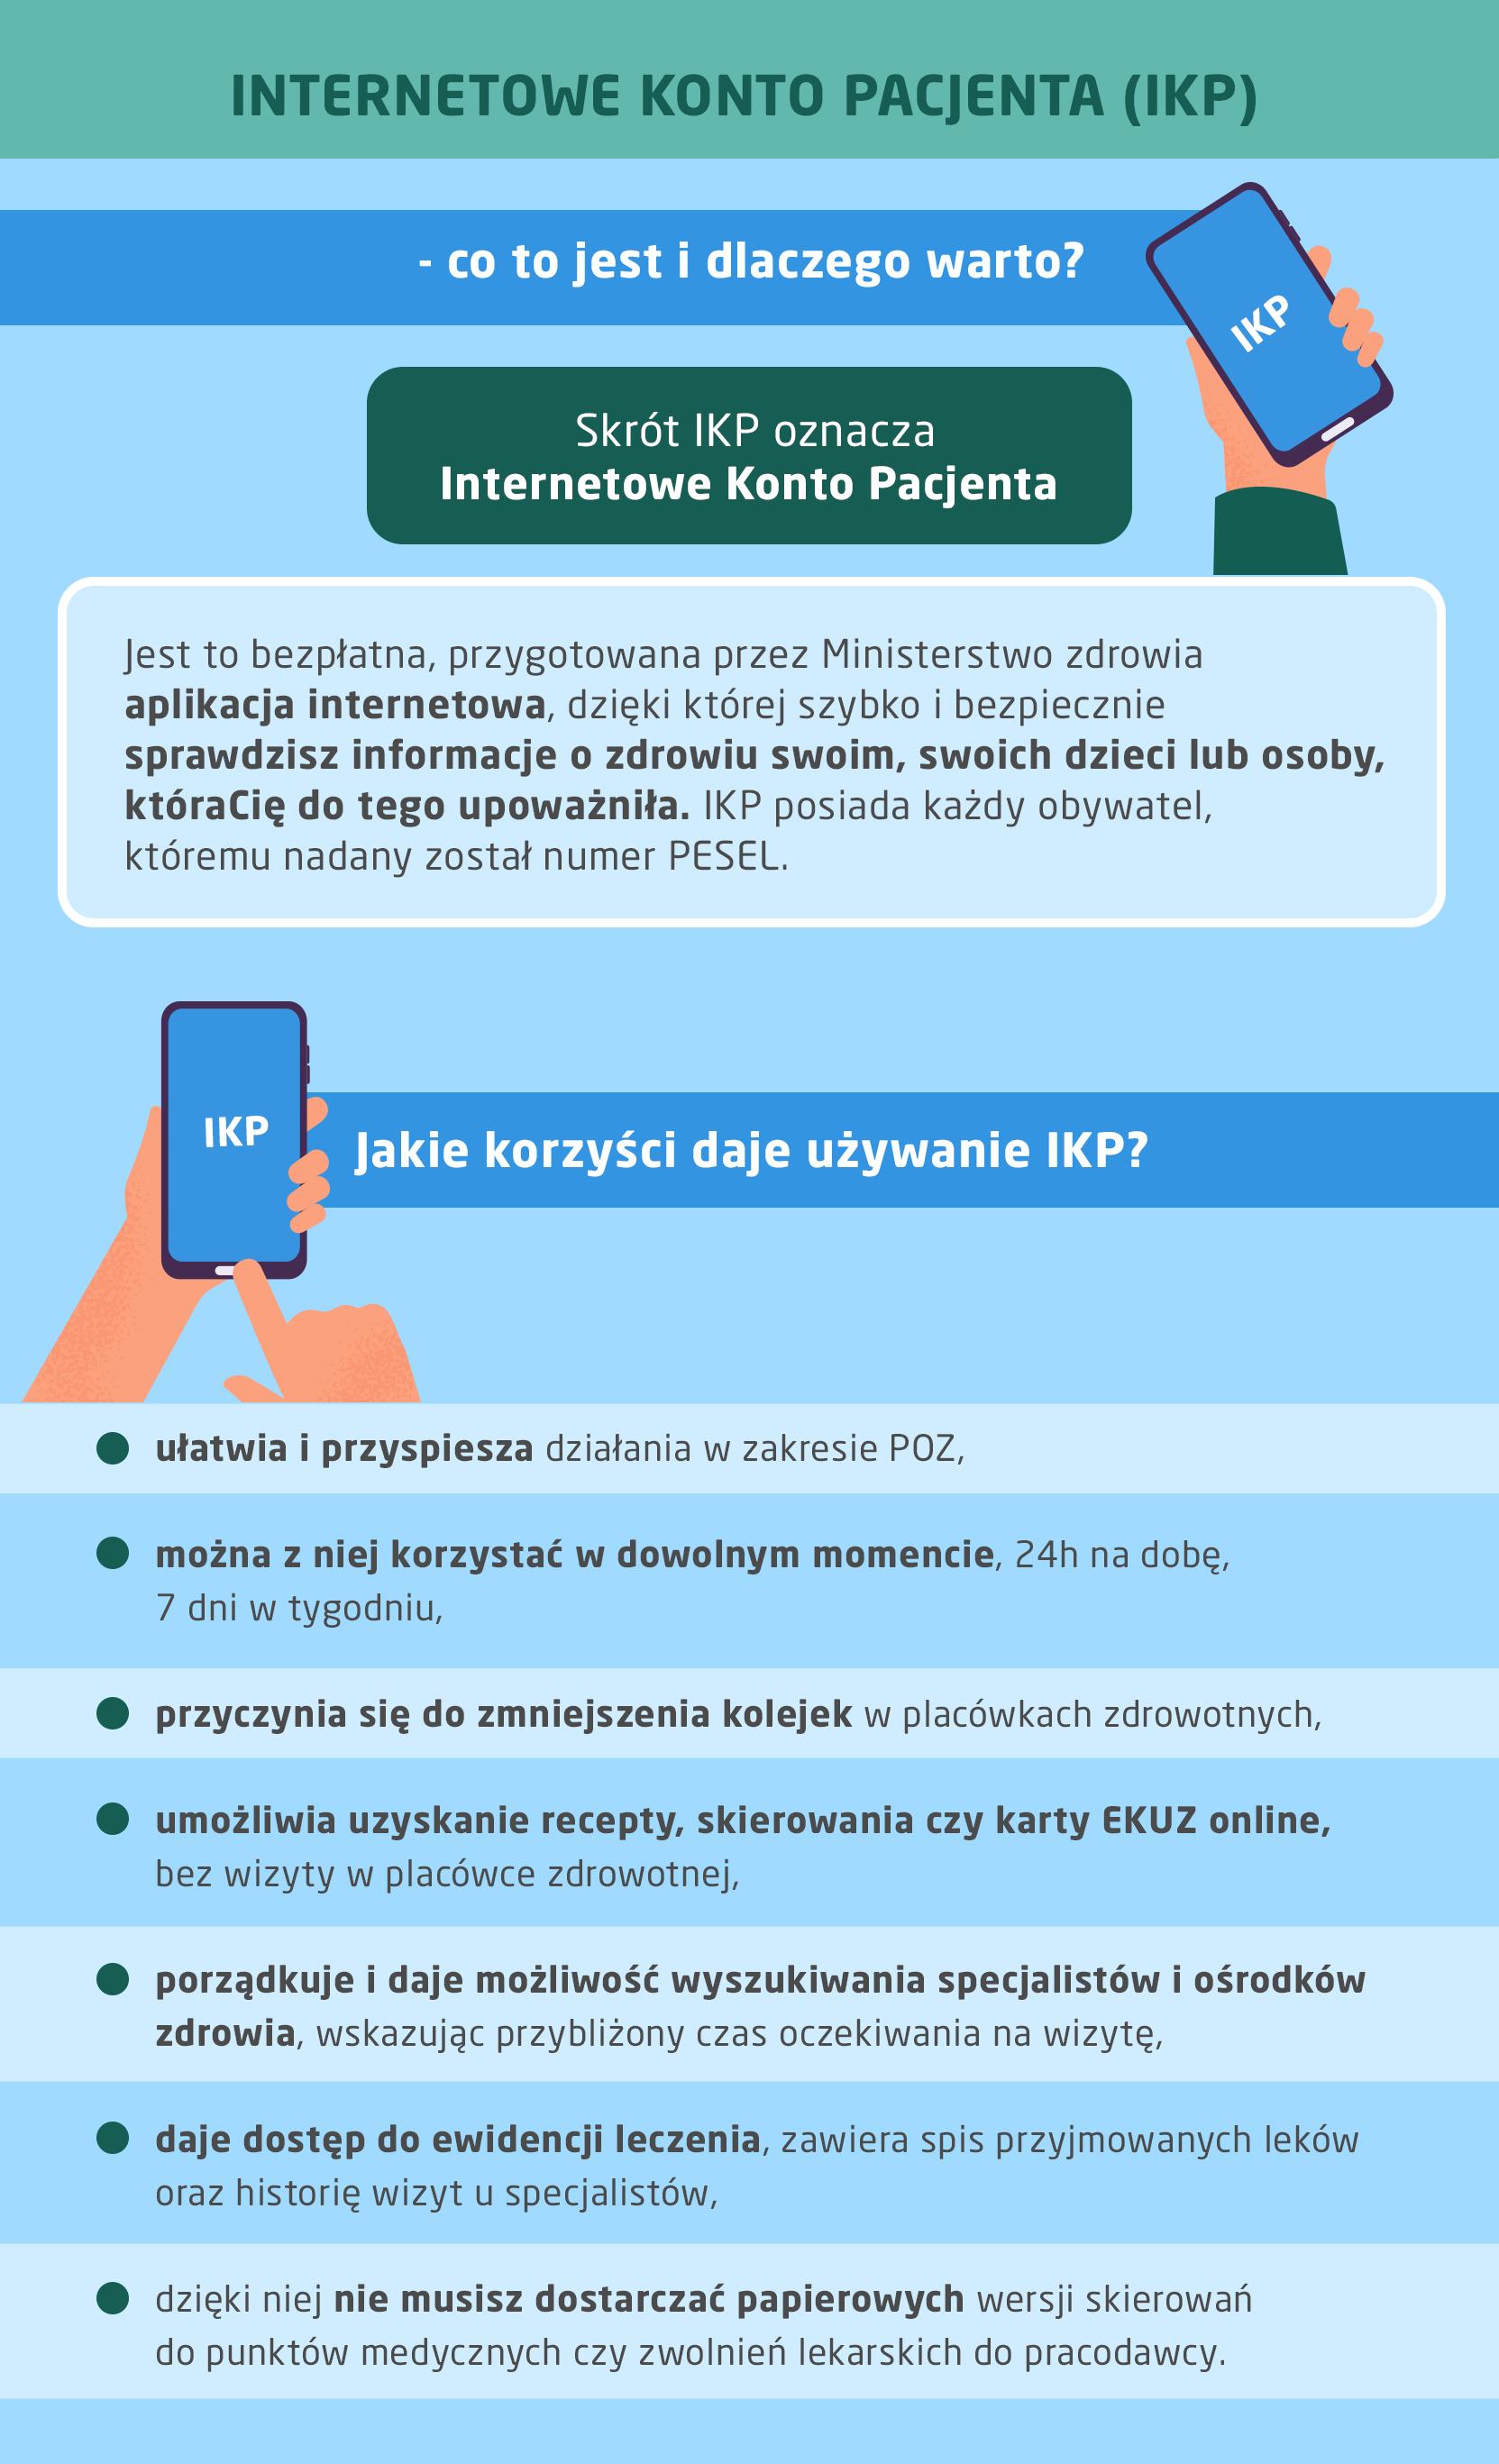 Internetowe Konto Pacjenta (IKP) - co to jest, jak założyć i jak się zalogować?